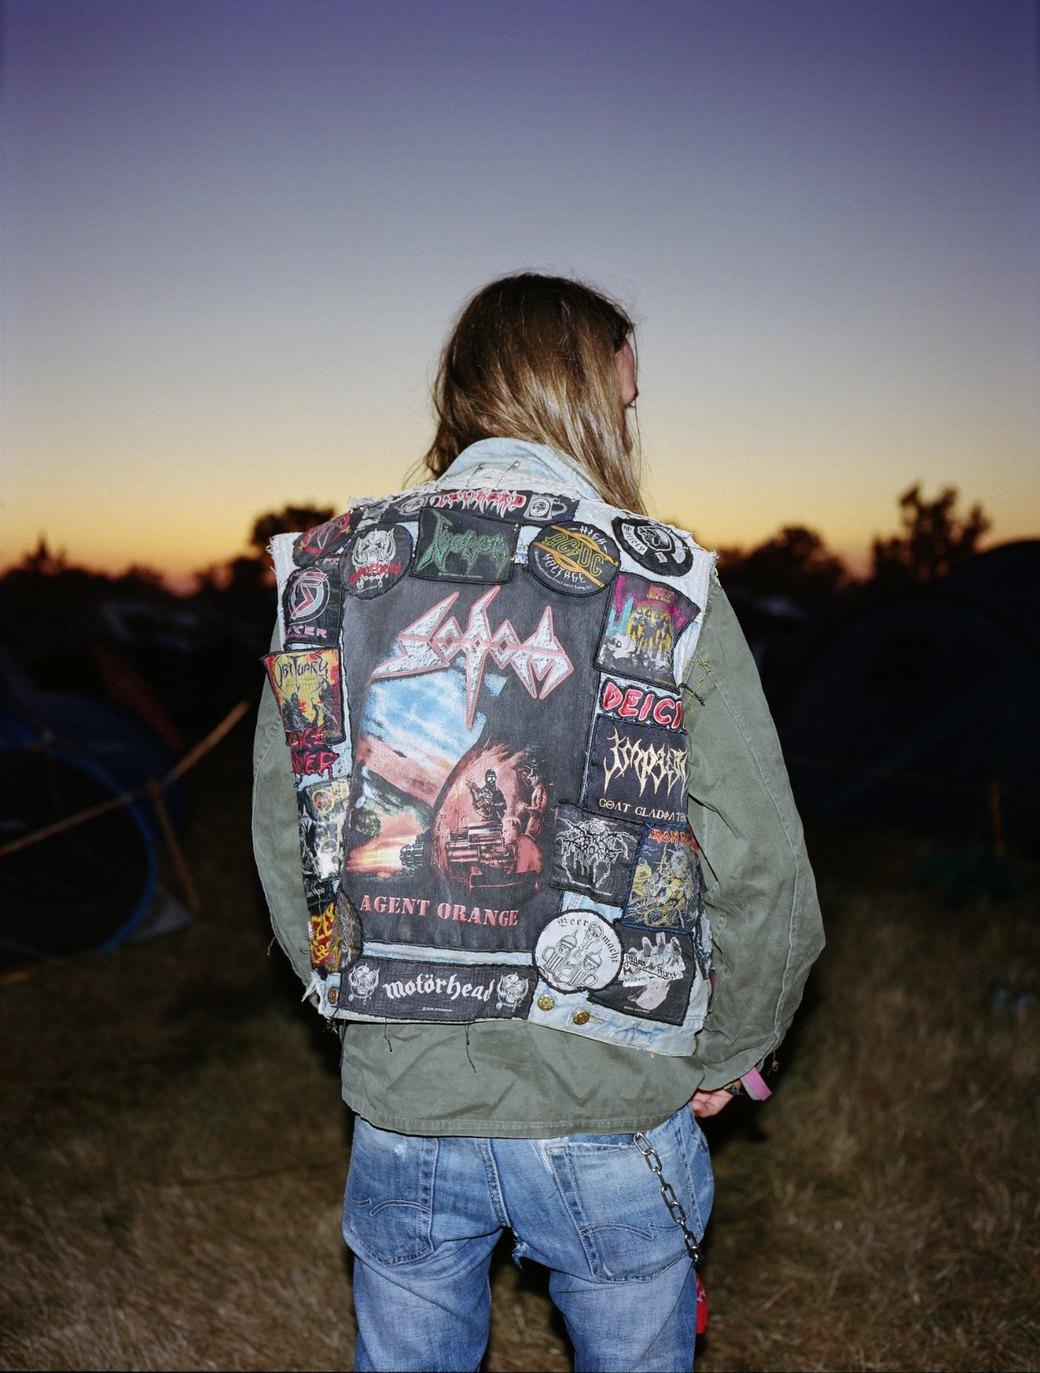 Цельнометаллическая оболочка: Путеводитель по курткам металлистов в формате фоторепортажа. Изображение № 35.